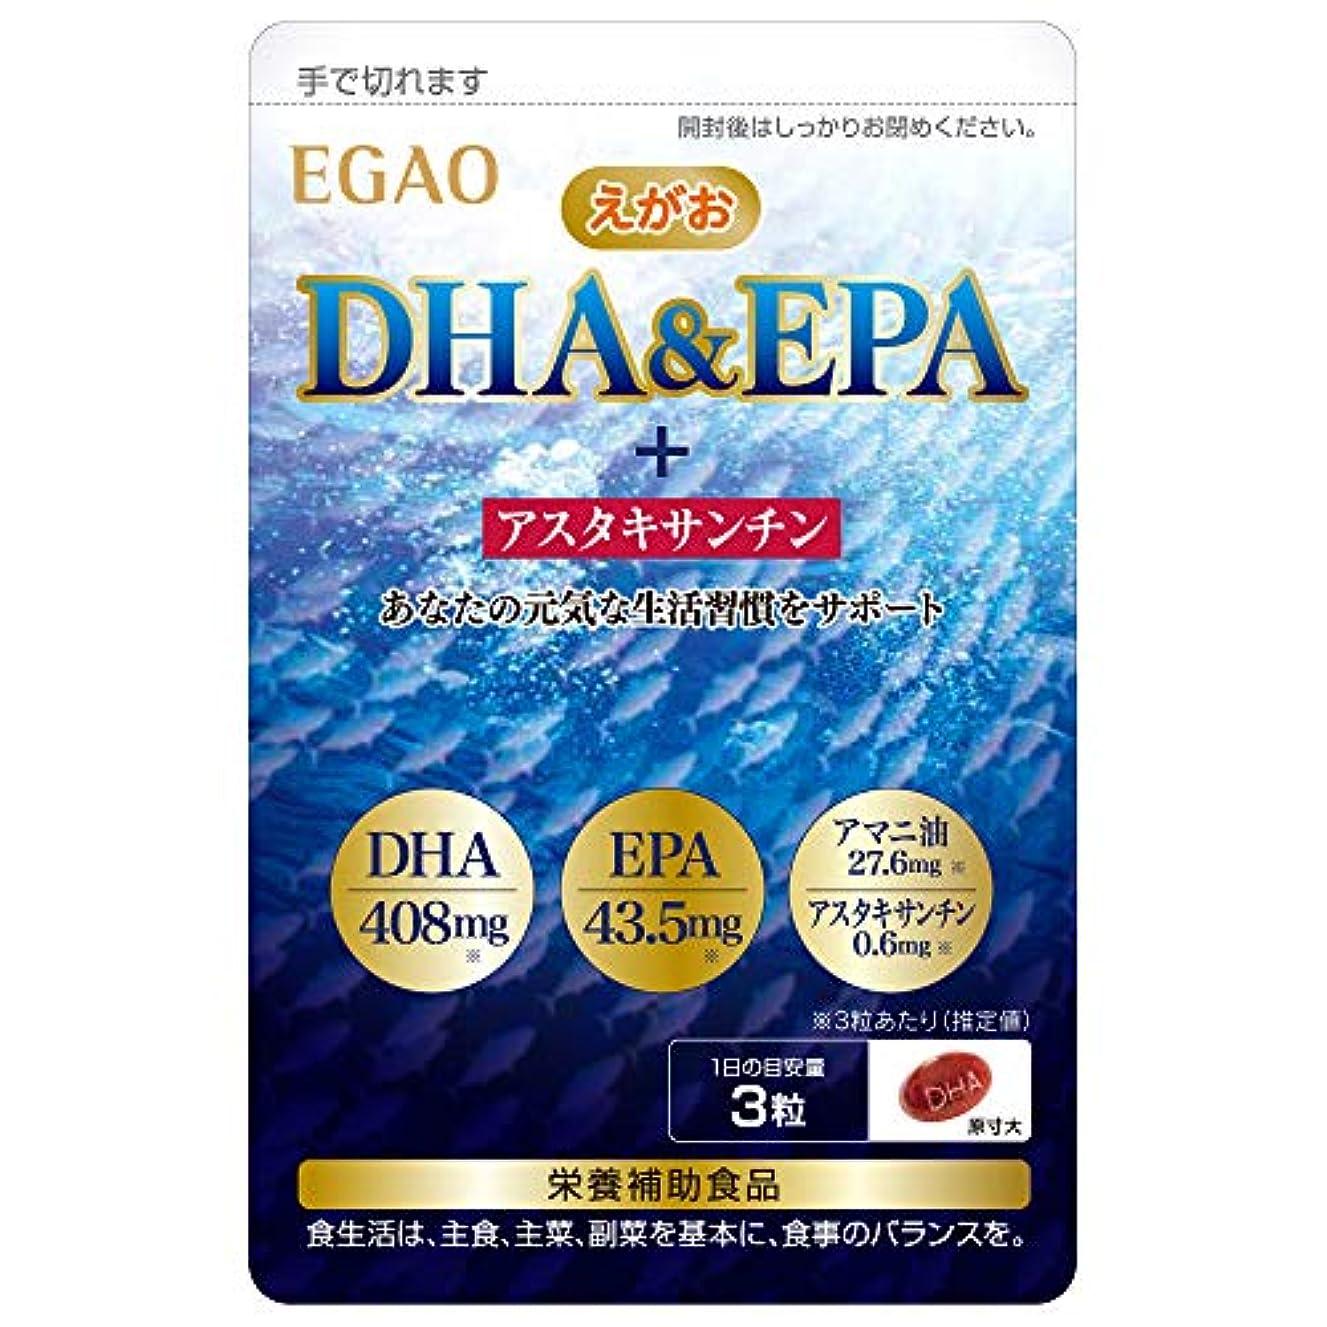 印象派引く王位えがおの DHA&EPA+アスタキサンチン 【1袋】(1袋/93粒入り 約1ヵ月分) 栄養補助食品